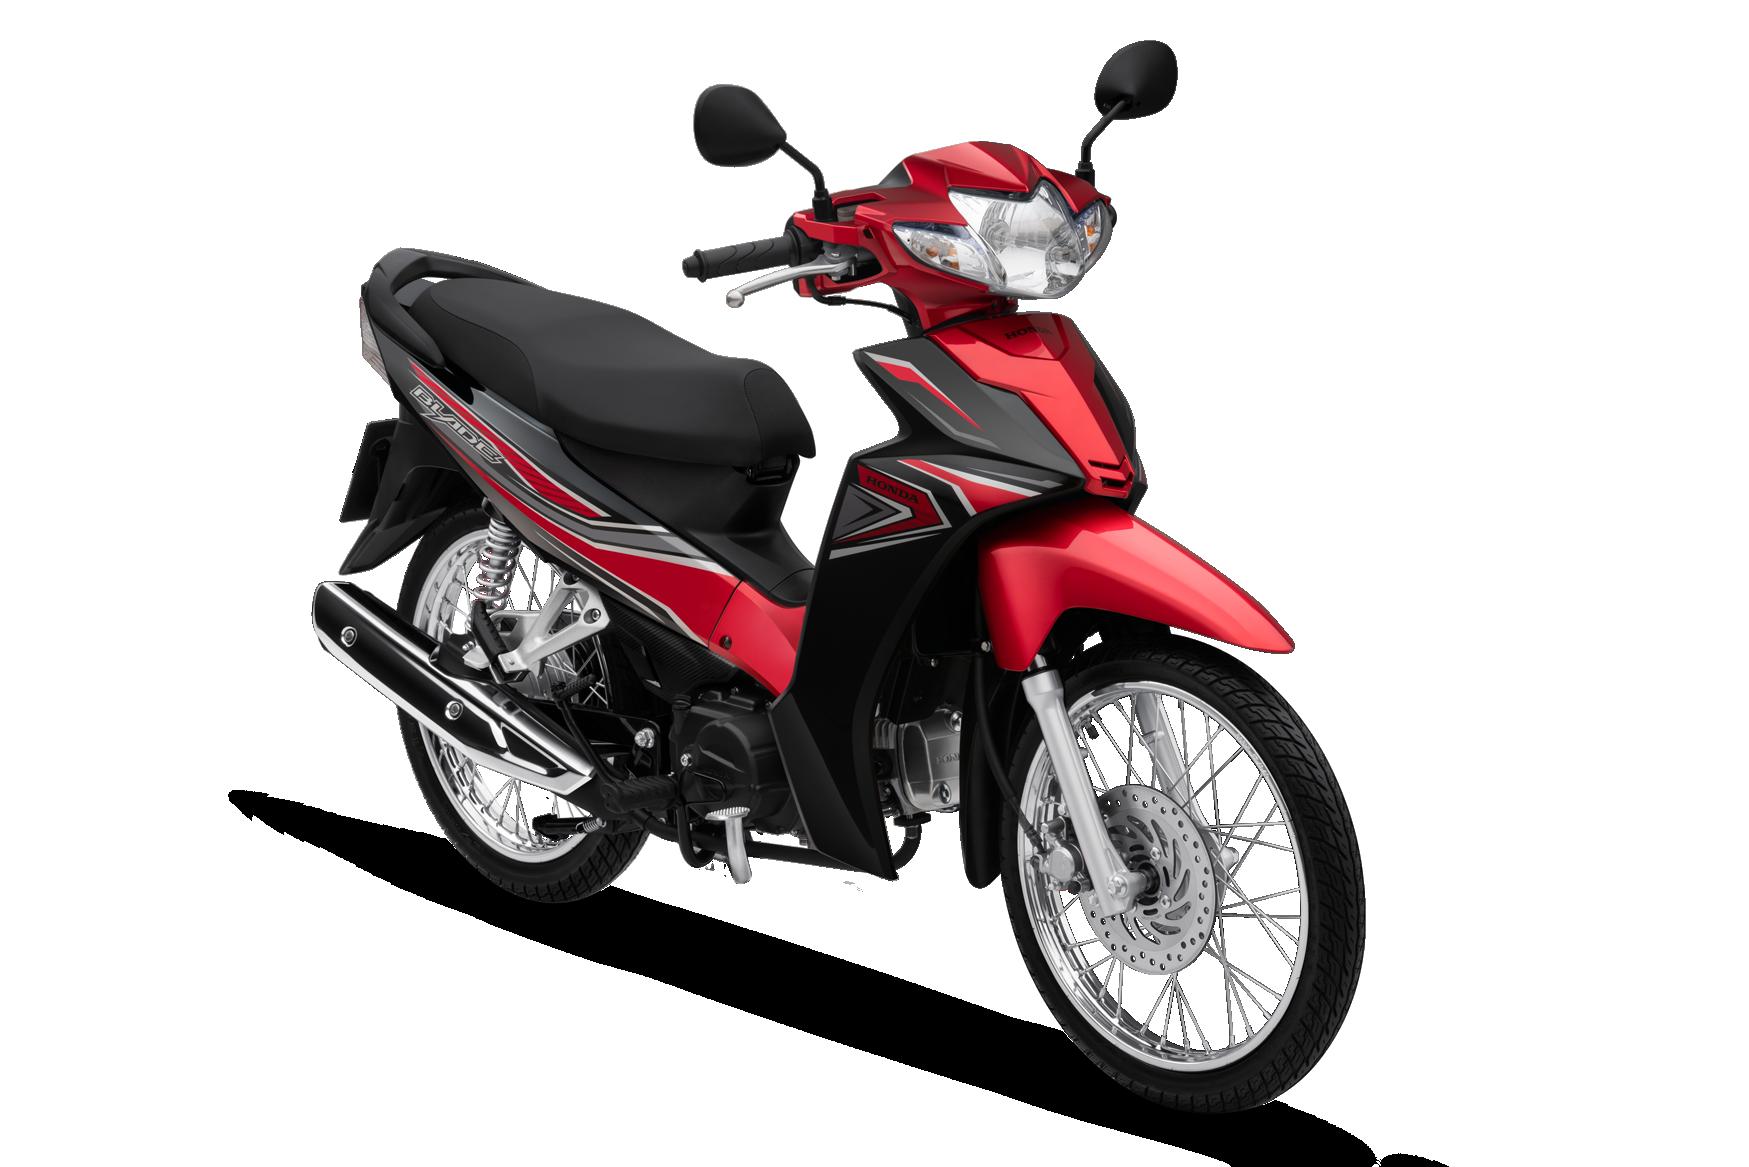 Honda Blade phiên bản tiêu chuẩn (phanh cơ, vành nan hoa) màu đỏ đen